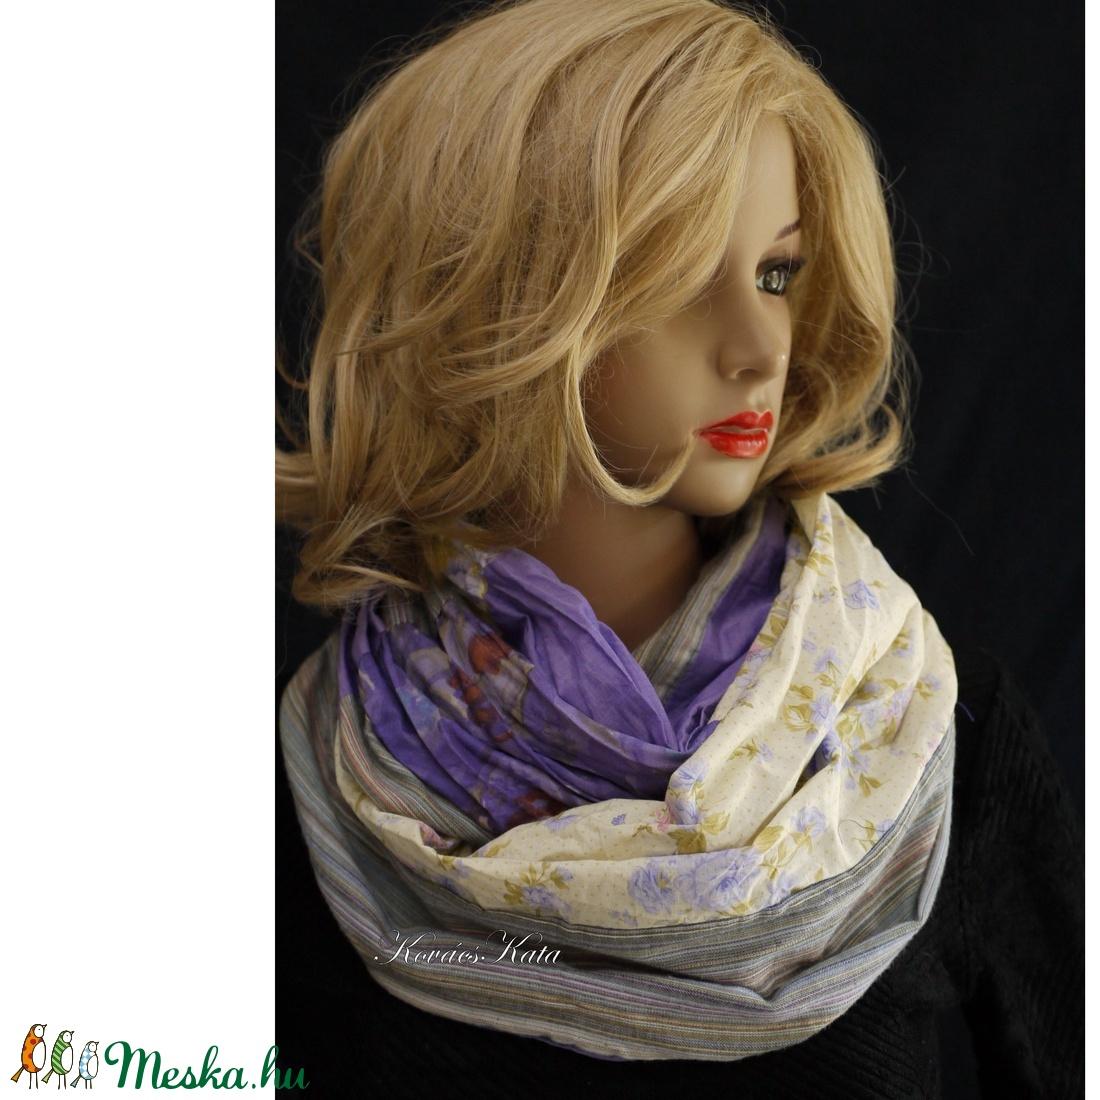 INFINITY / kikelet - patchwork csősál , körsál - ruha & divat - sál, sapka, kendő - sál - Meska.hu